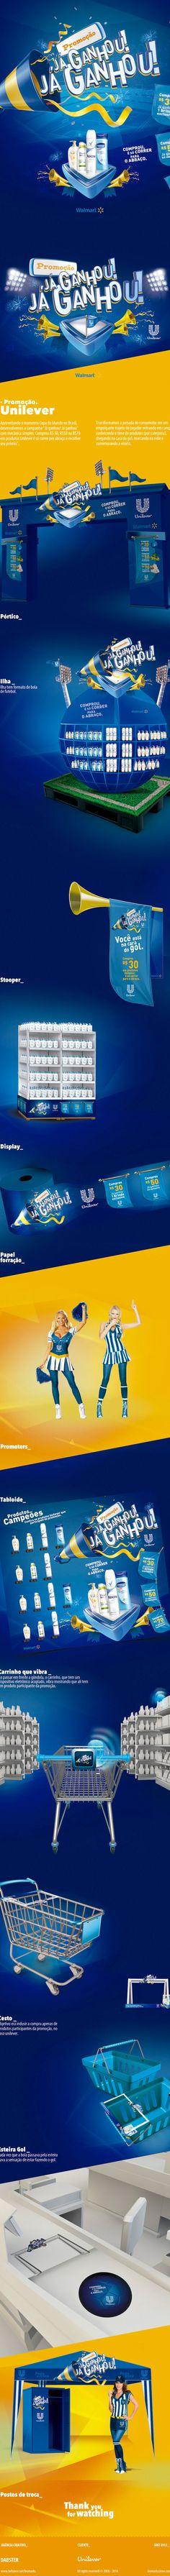 Promoção // Unilever